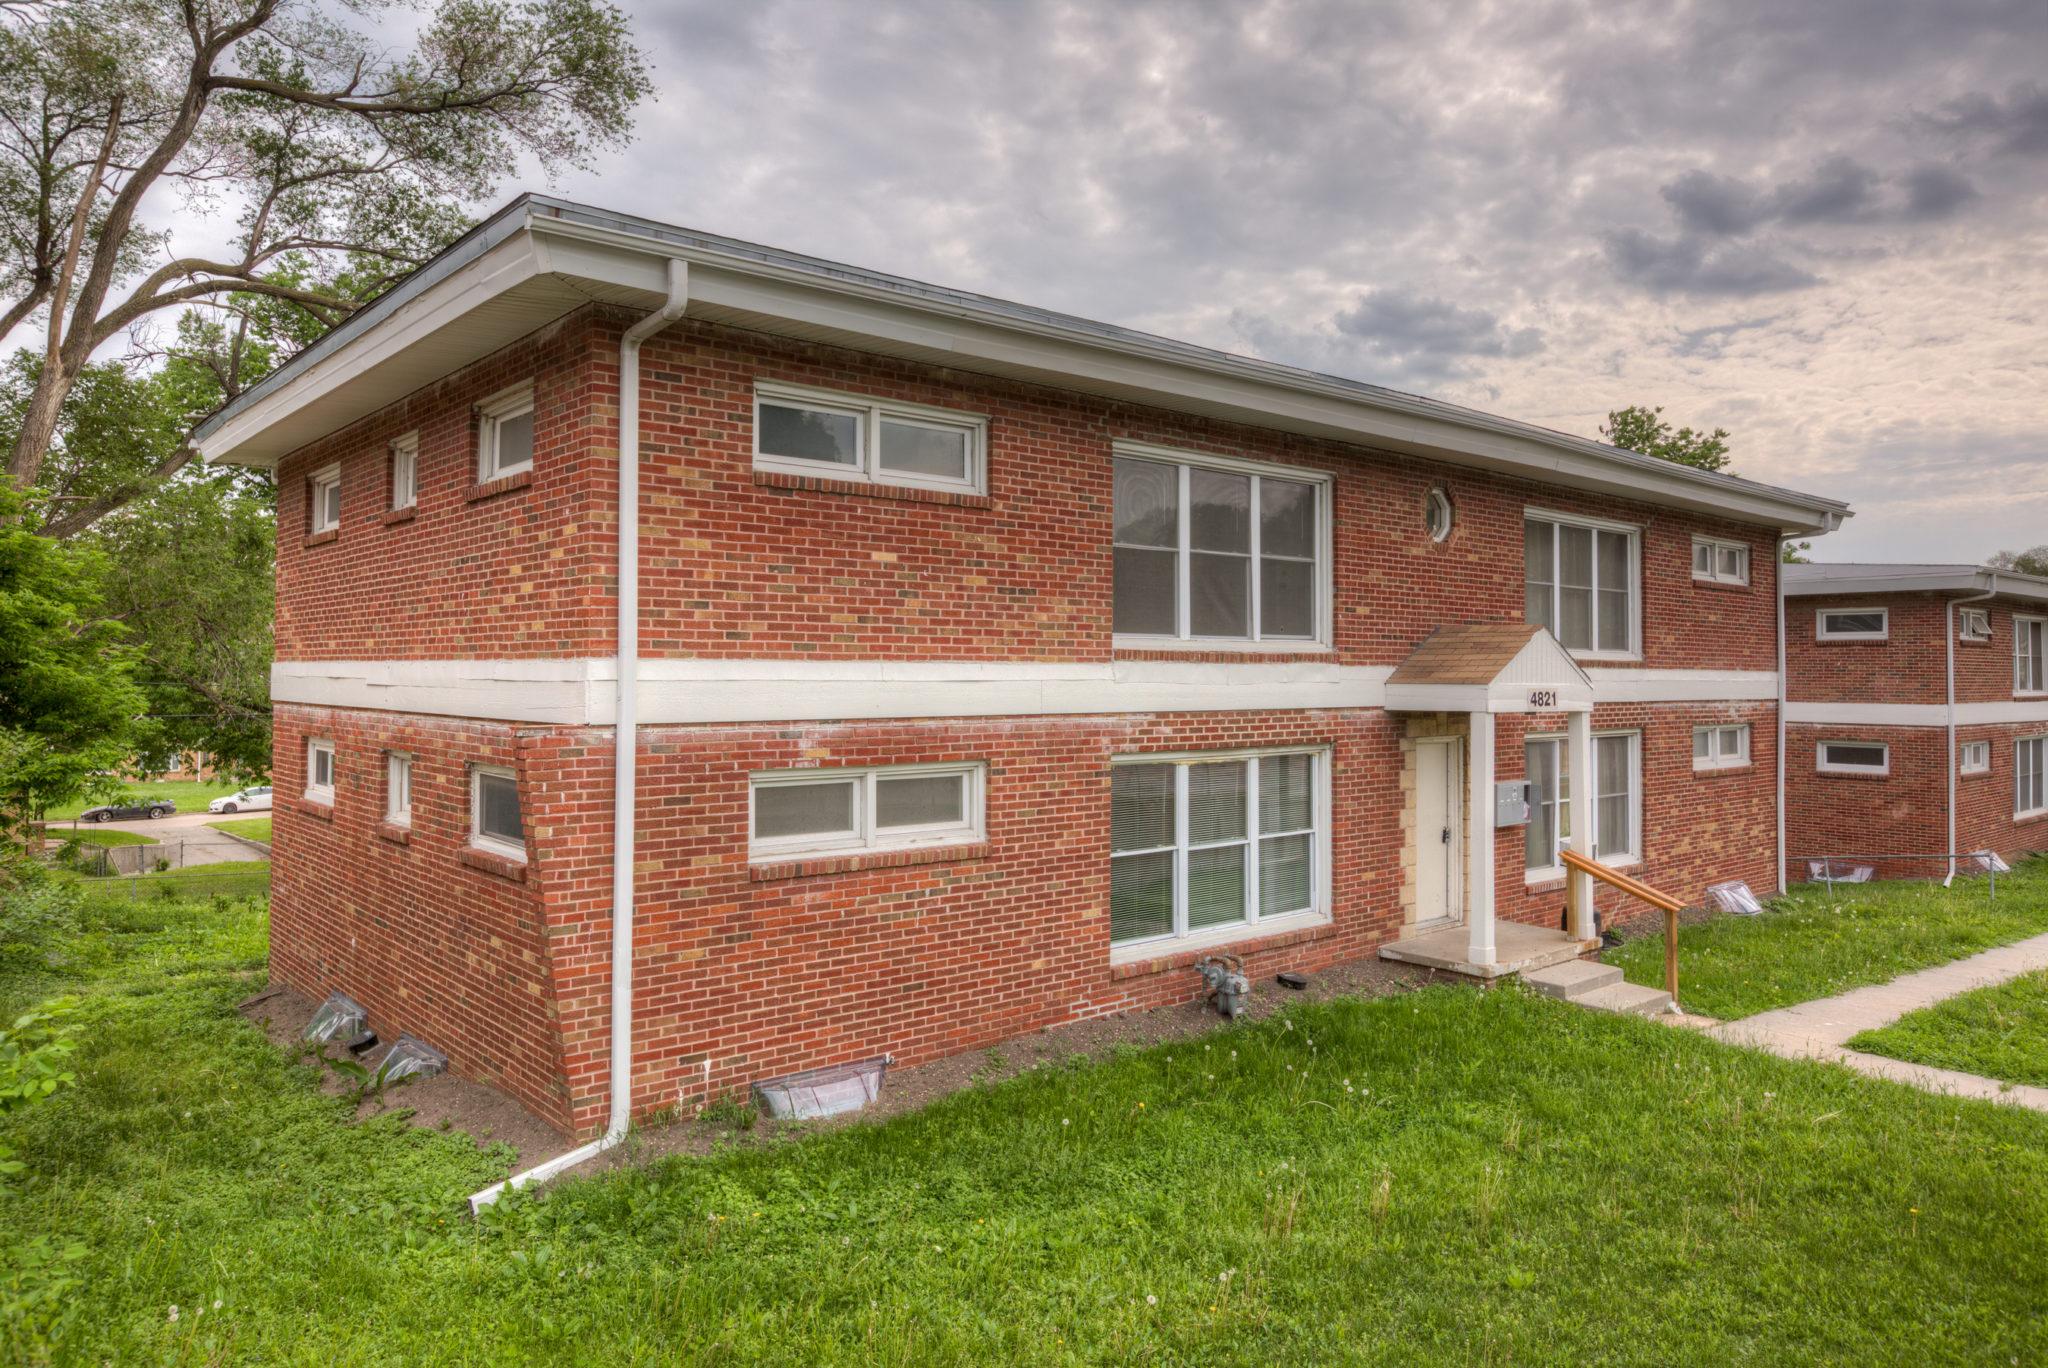 4821 Ames Avenue Image